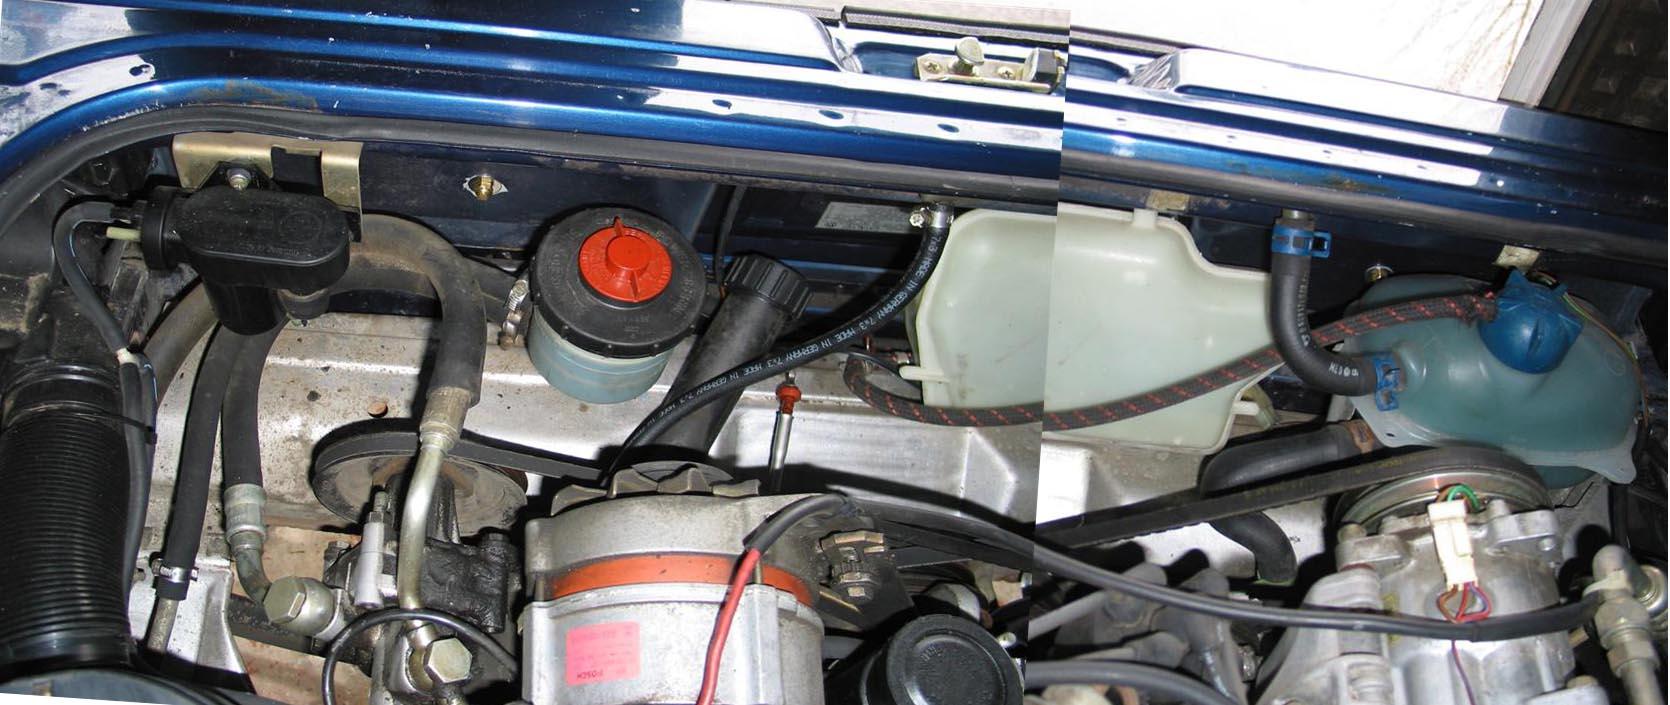 Vanagon Subaru Conversion Parts Auto Engine And Parts